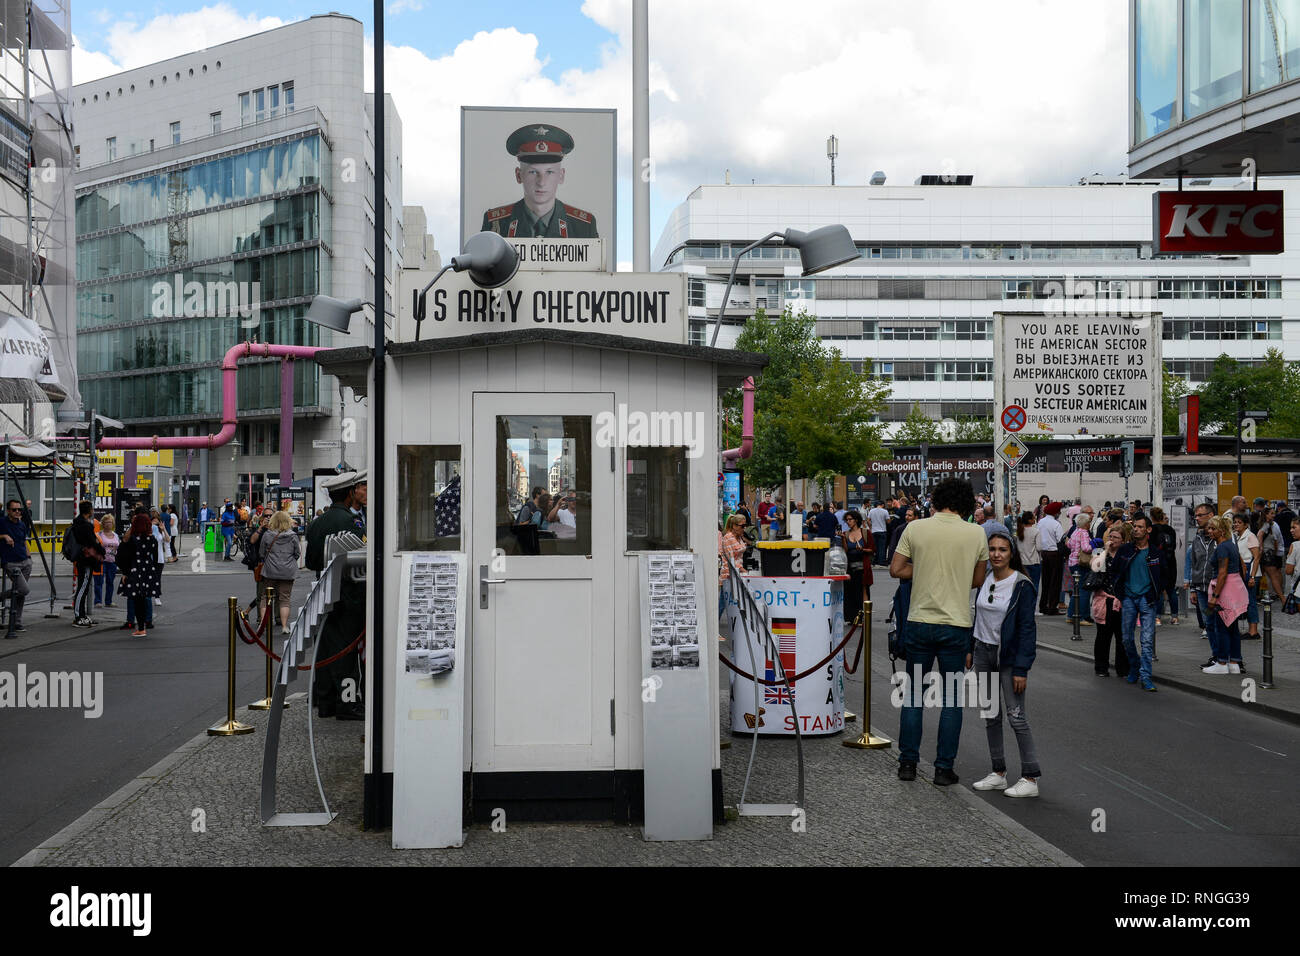 Germania Berlino, il muro, famosa stazione di frontiera Checkpoint Charly dopo la guerra fredda Immagini Stock